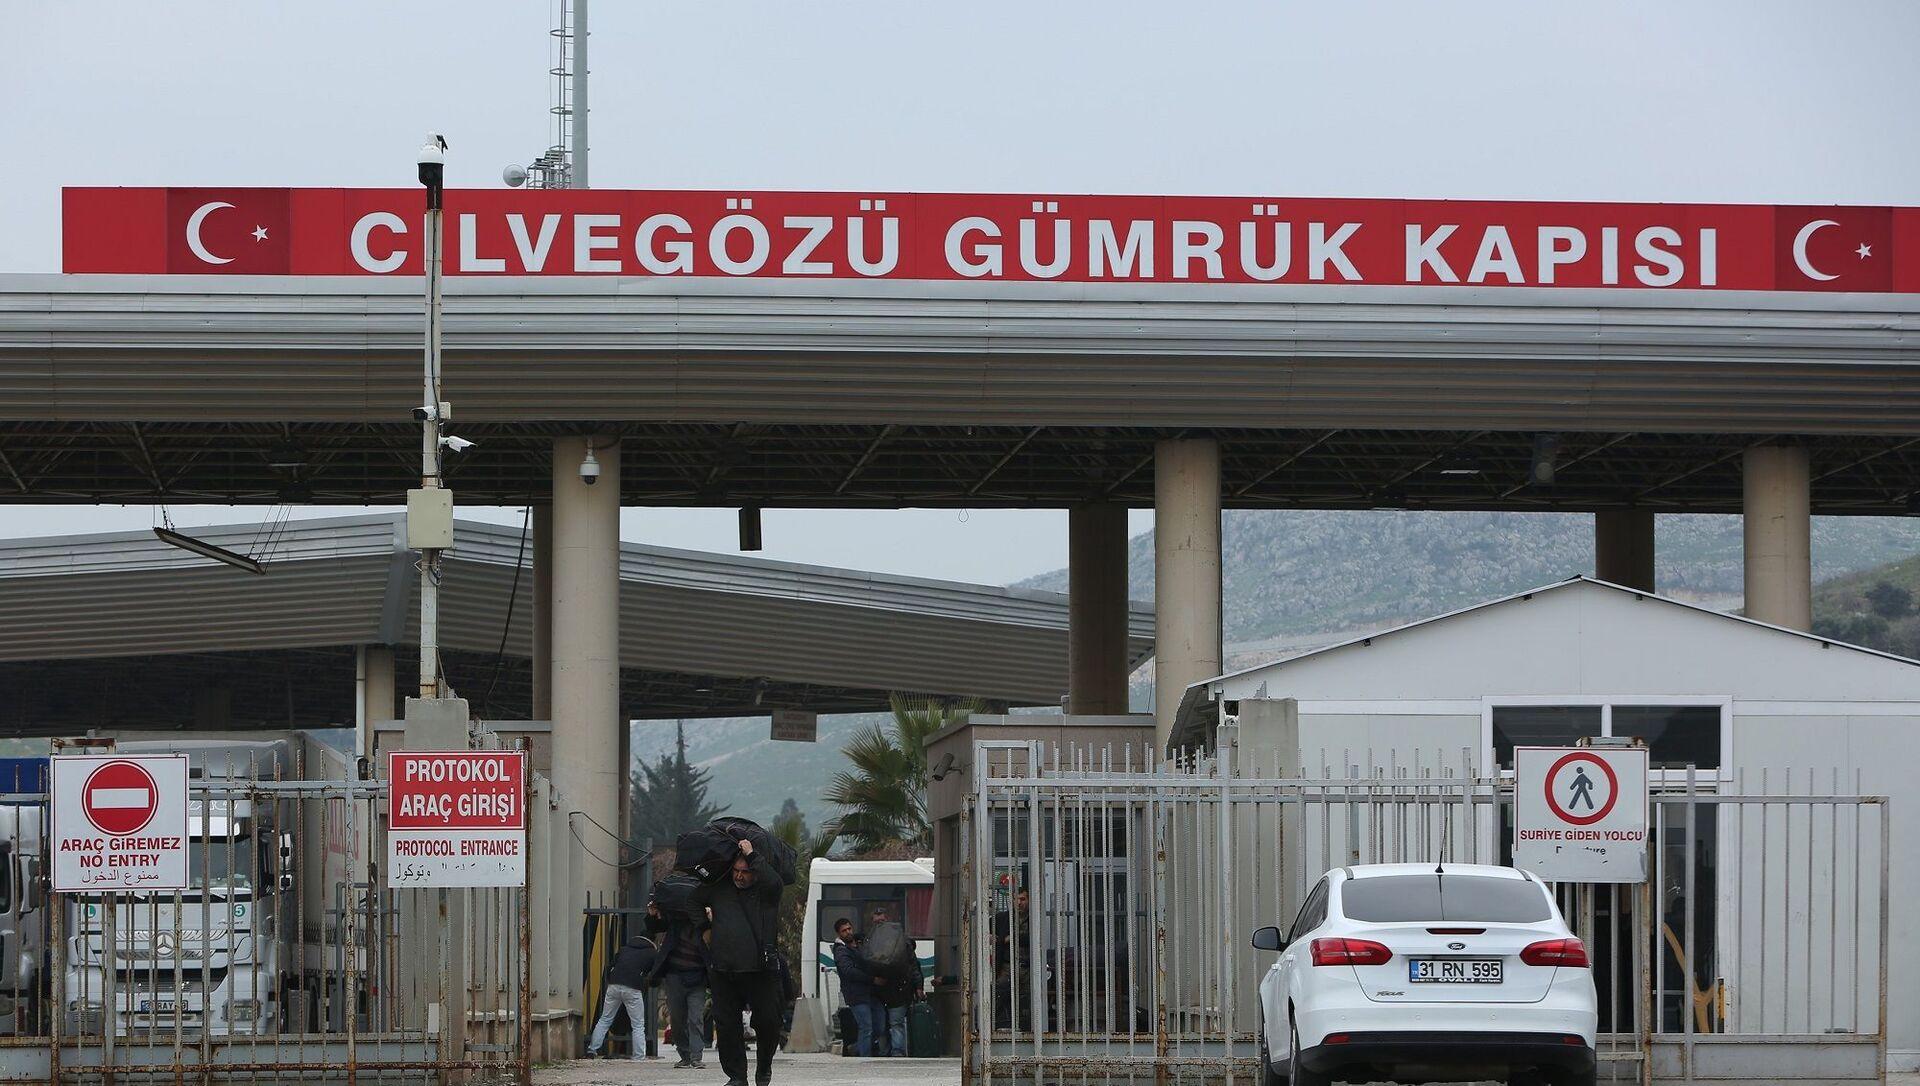 Cilvegözü Kapısı  - Sputnik Türkiye, 1920, 09.07.2021